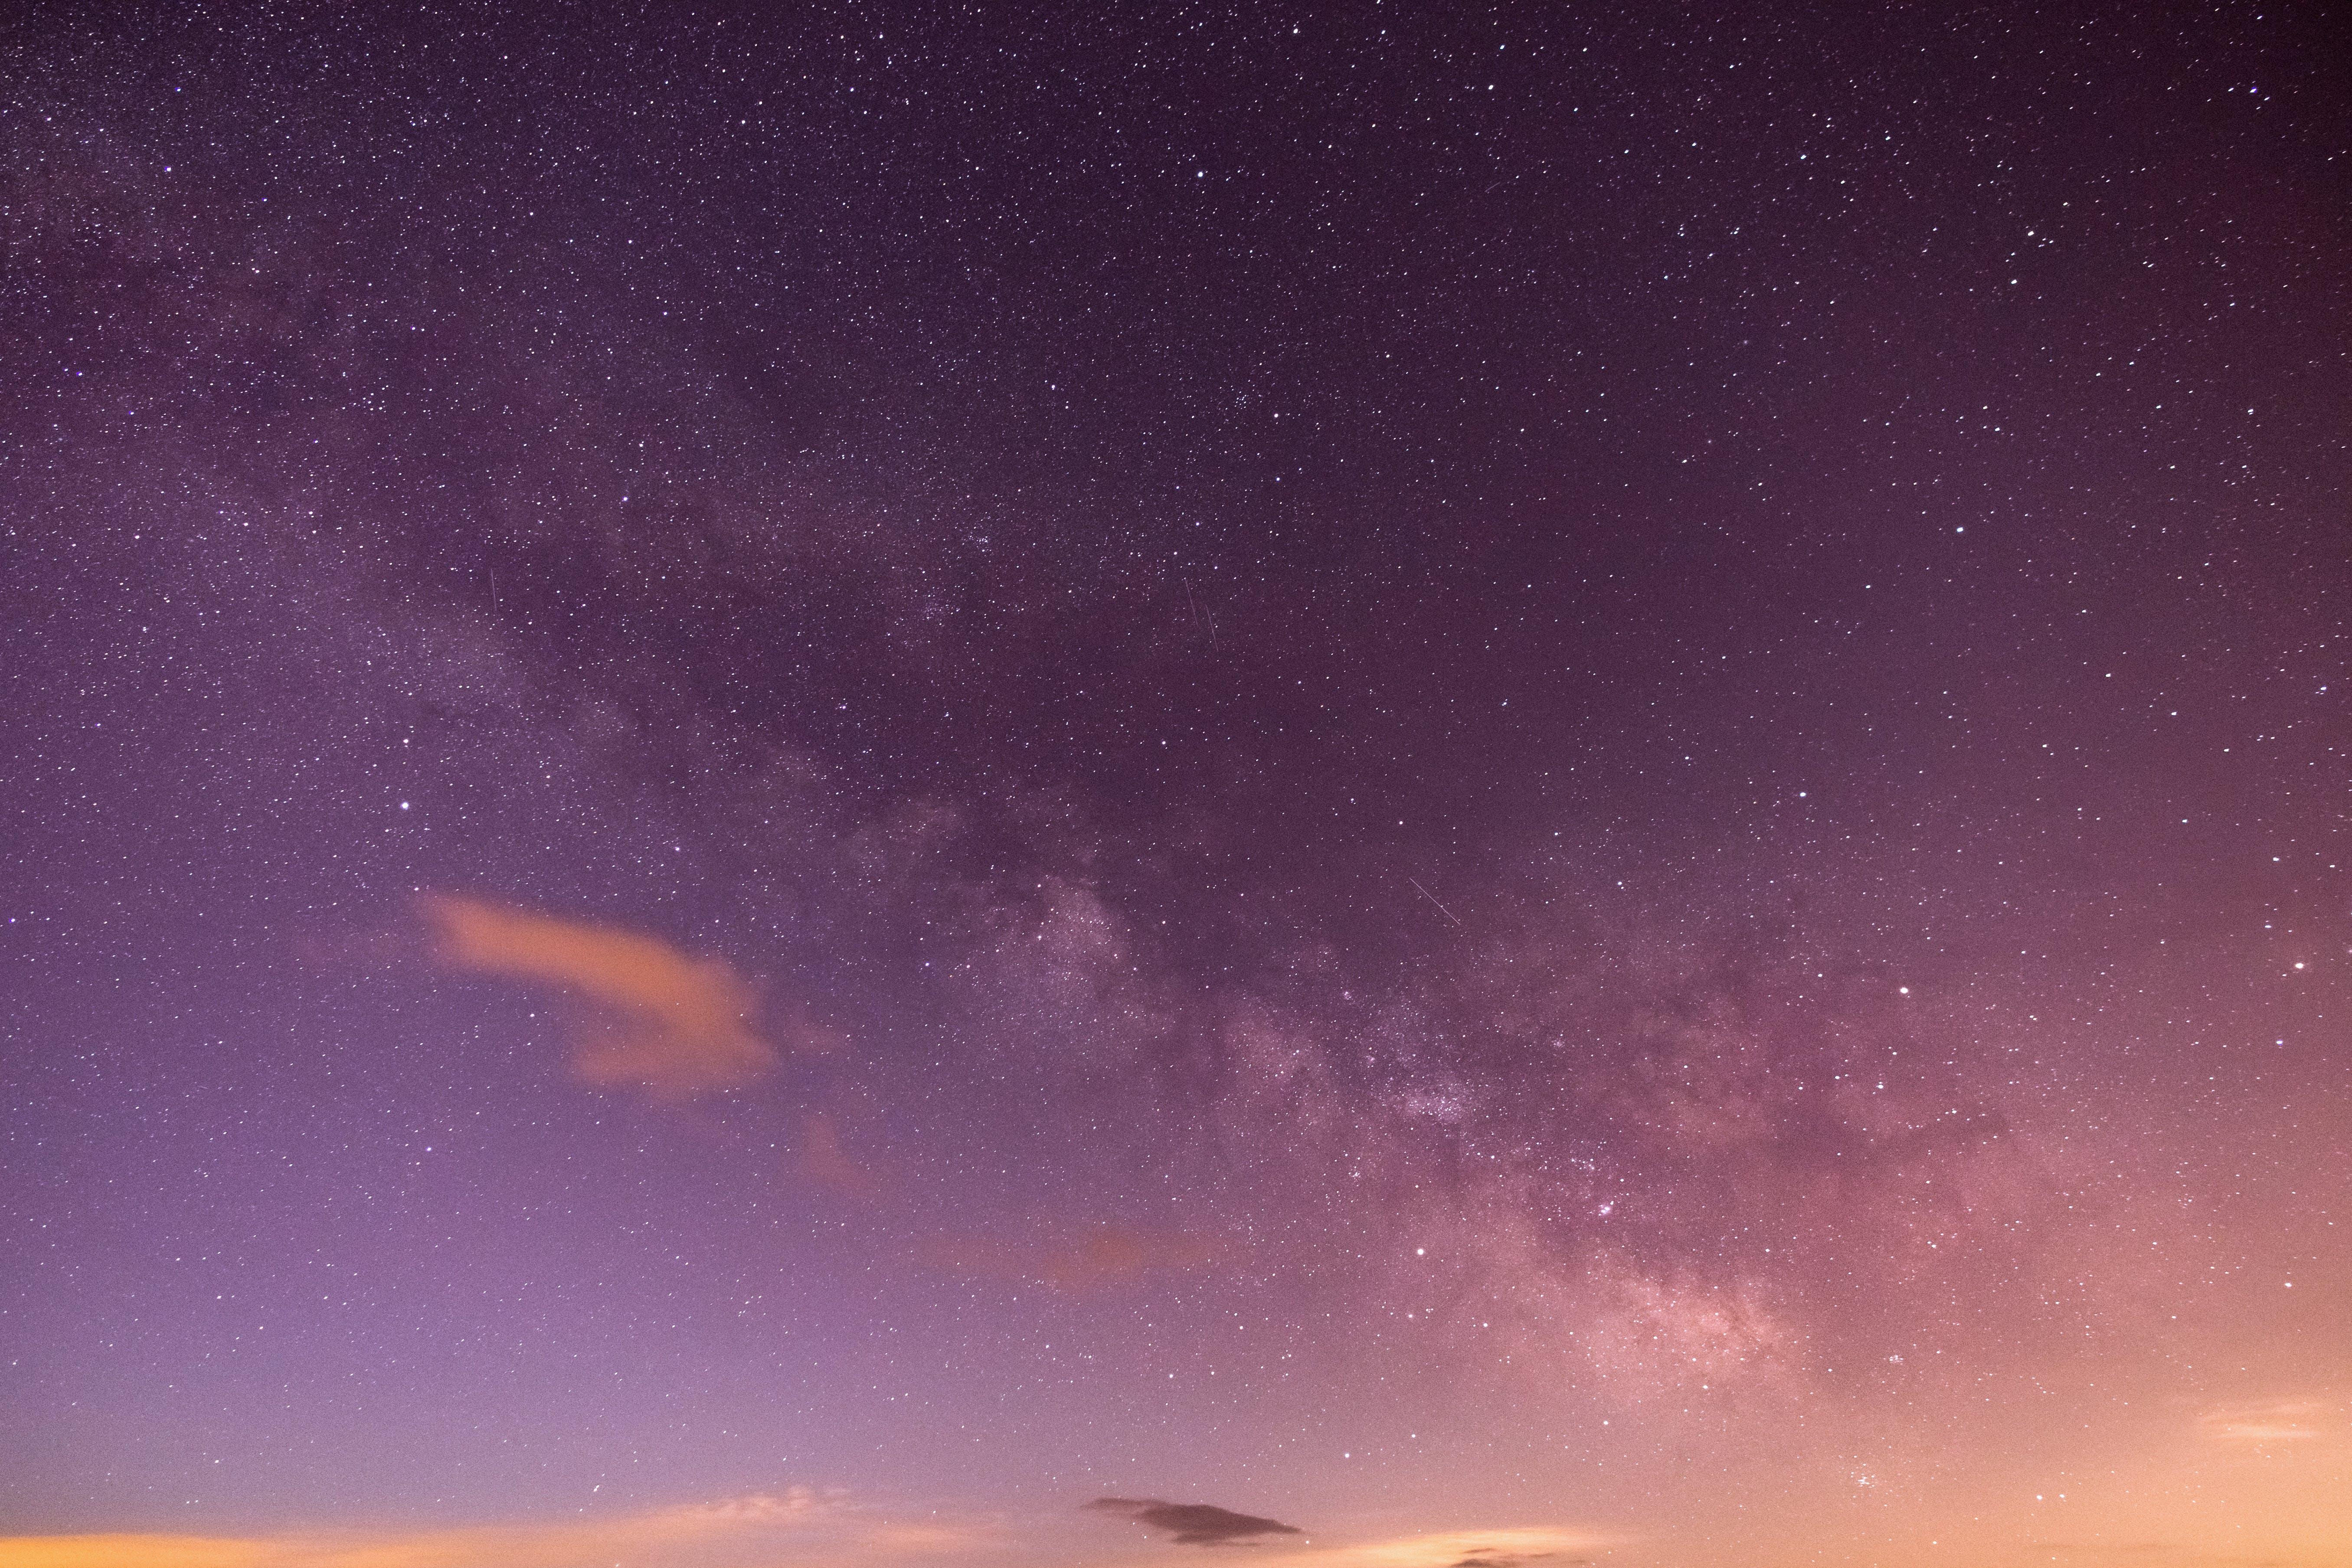 Purple and White Stars